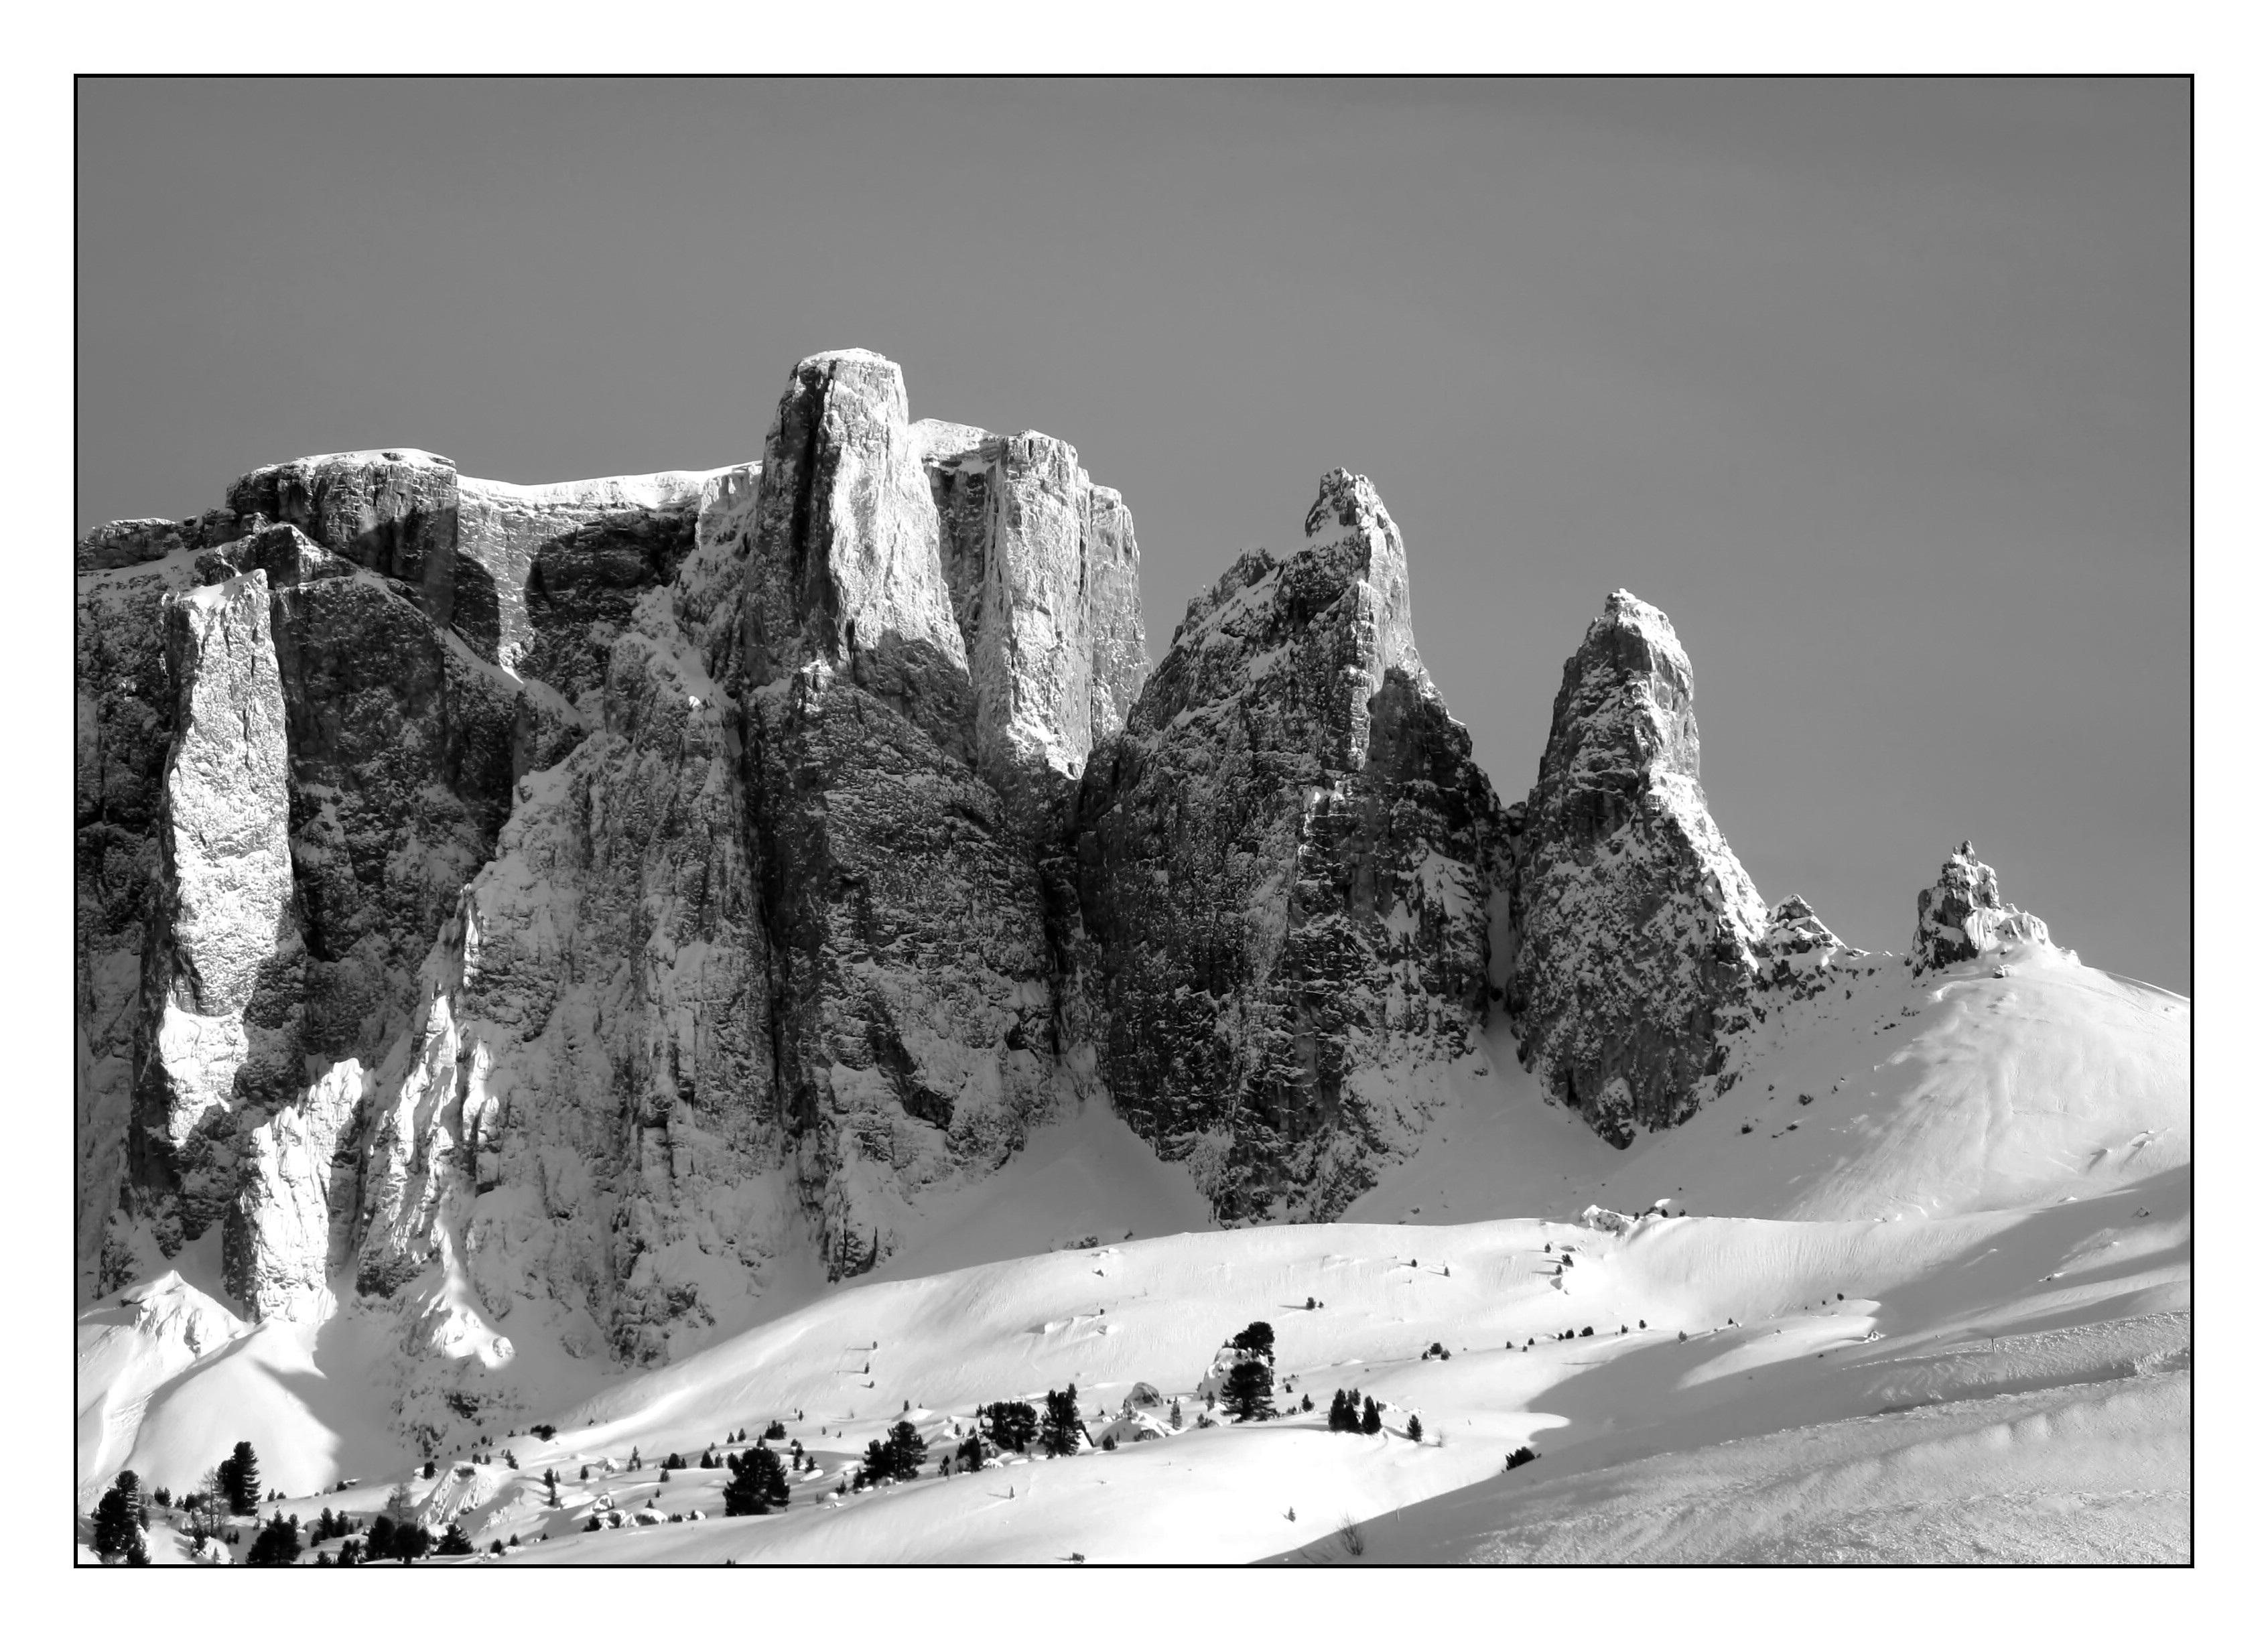 Gambar Pemandangan Alam Batu Gunung Salju Musim